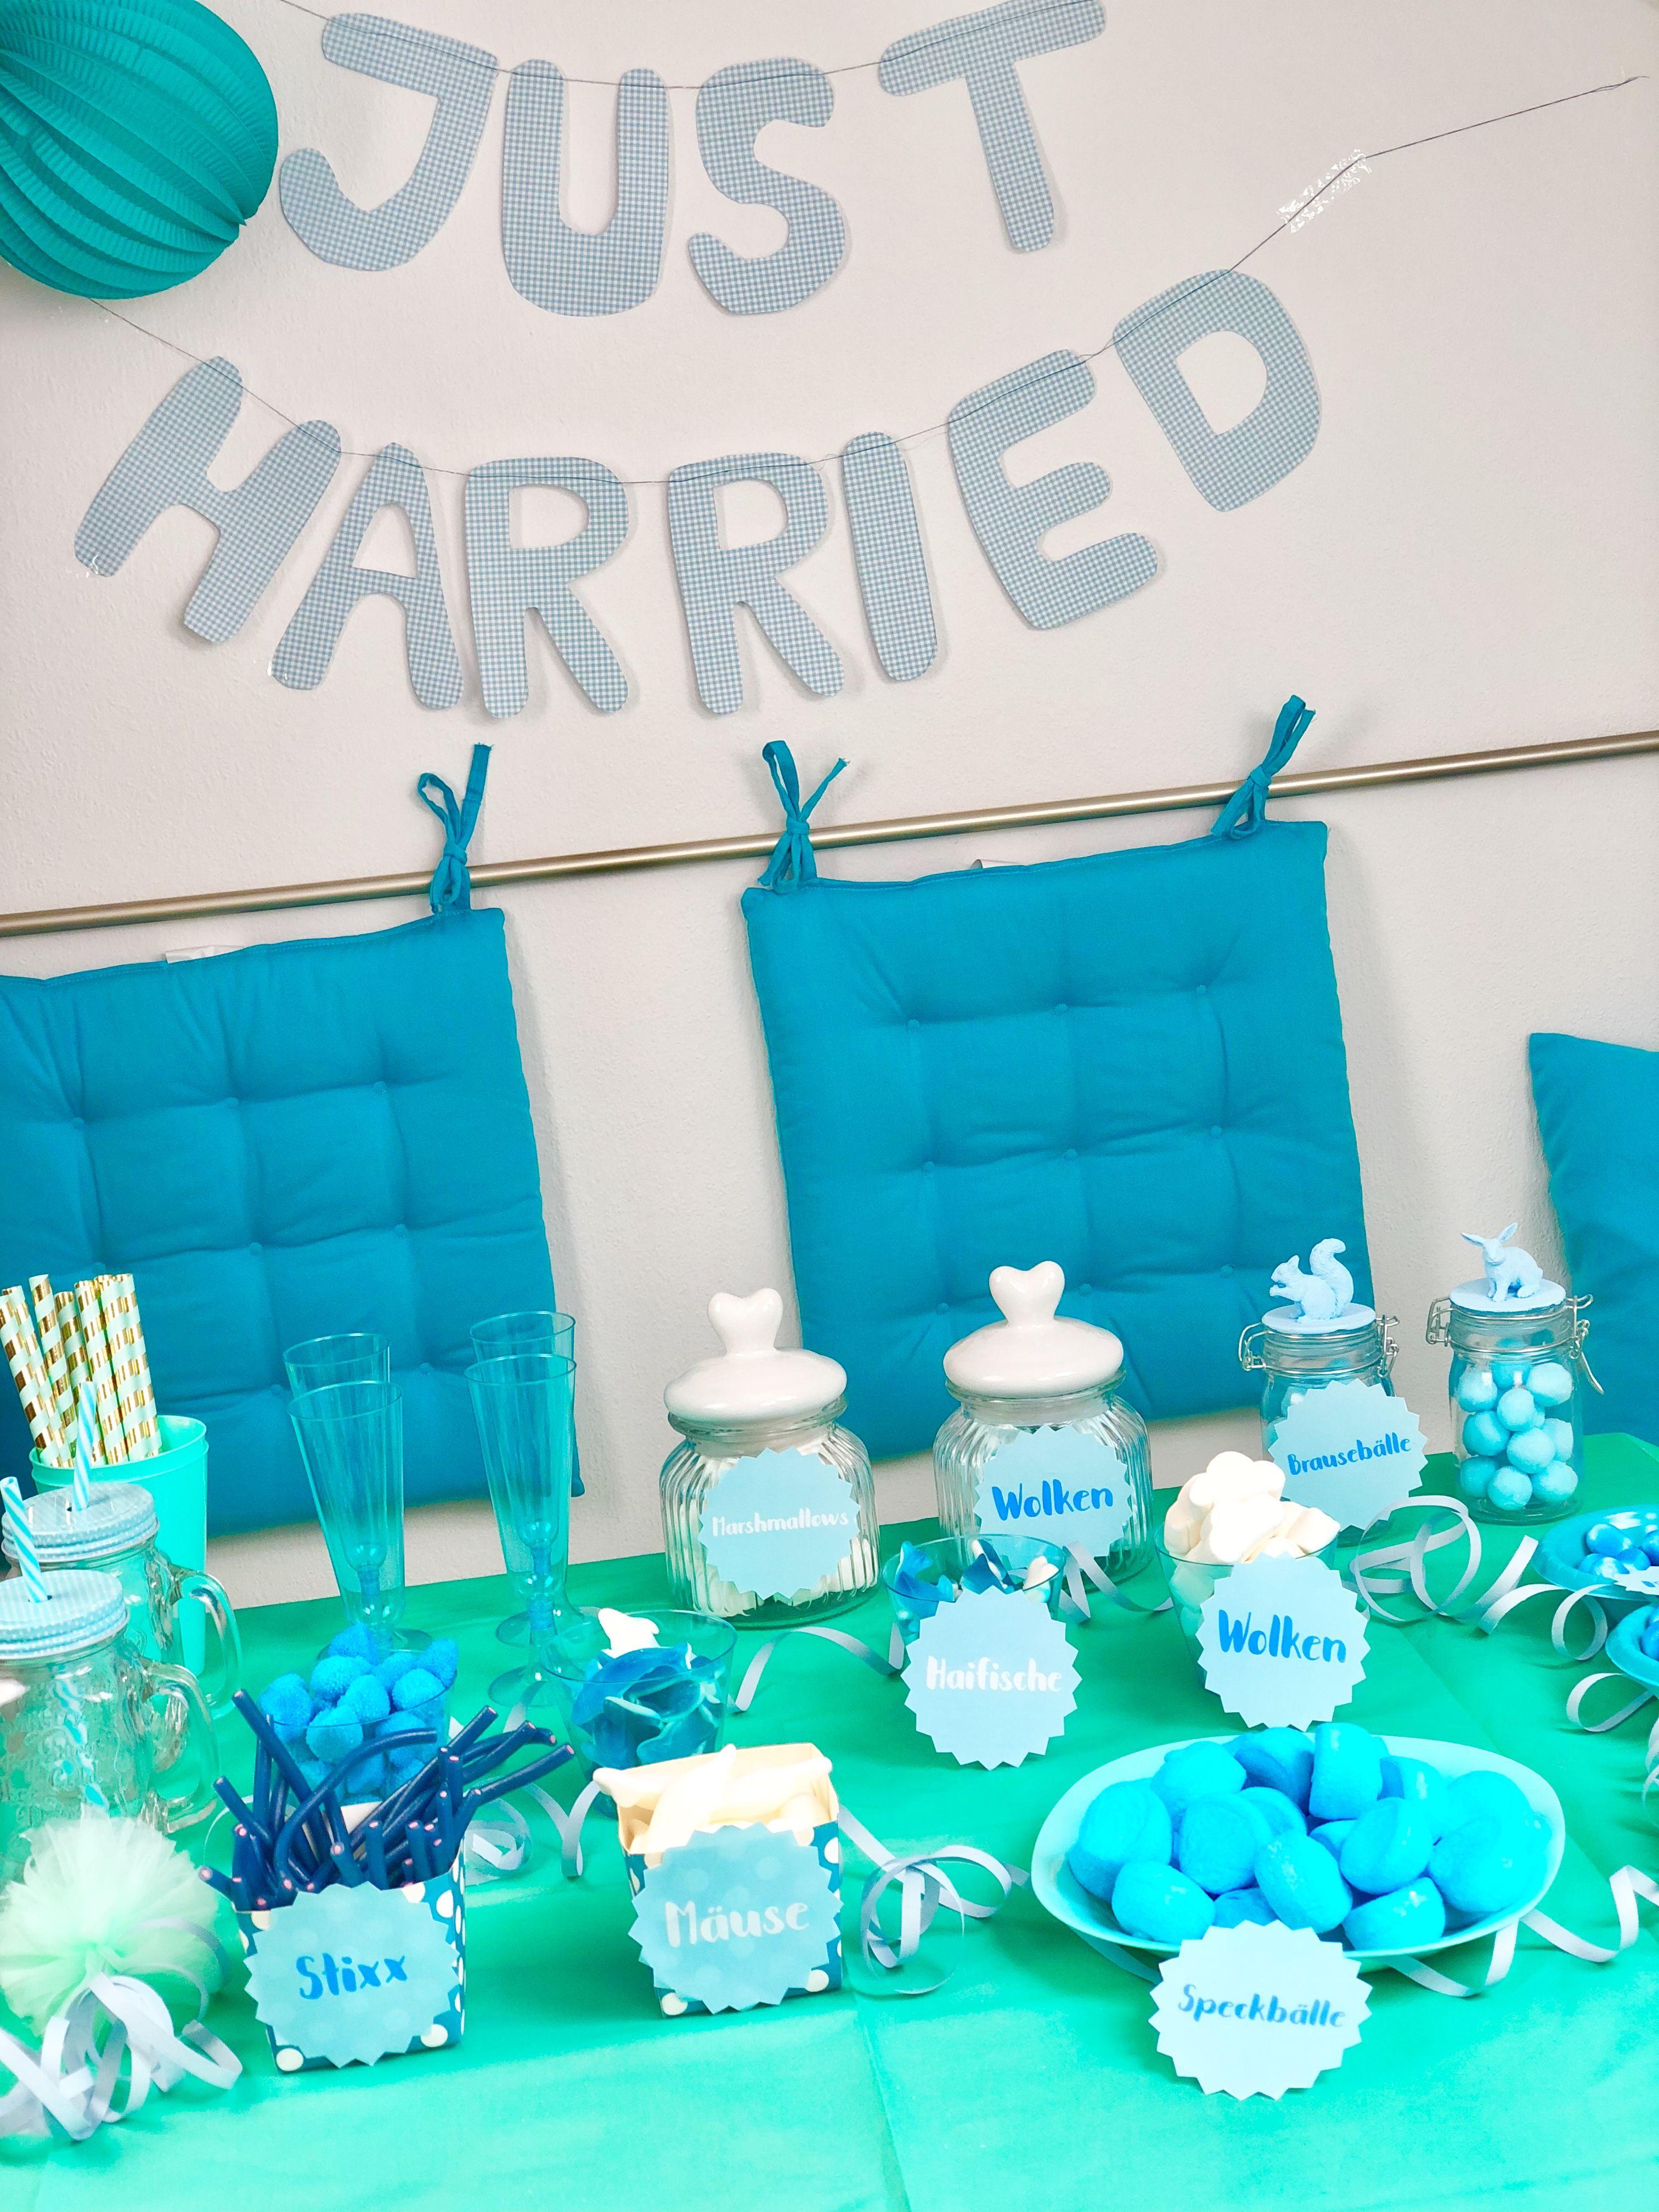 Candy Bar selber machen zur Hochzeit oder zum Geburtstag   Pinterest ...